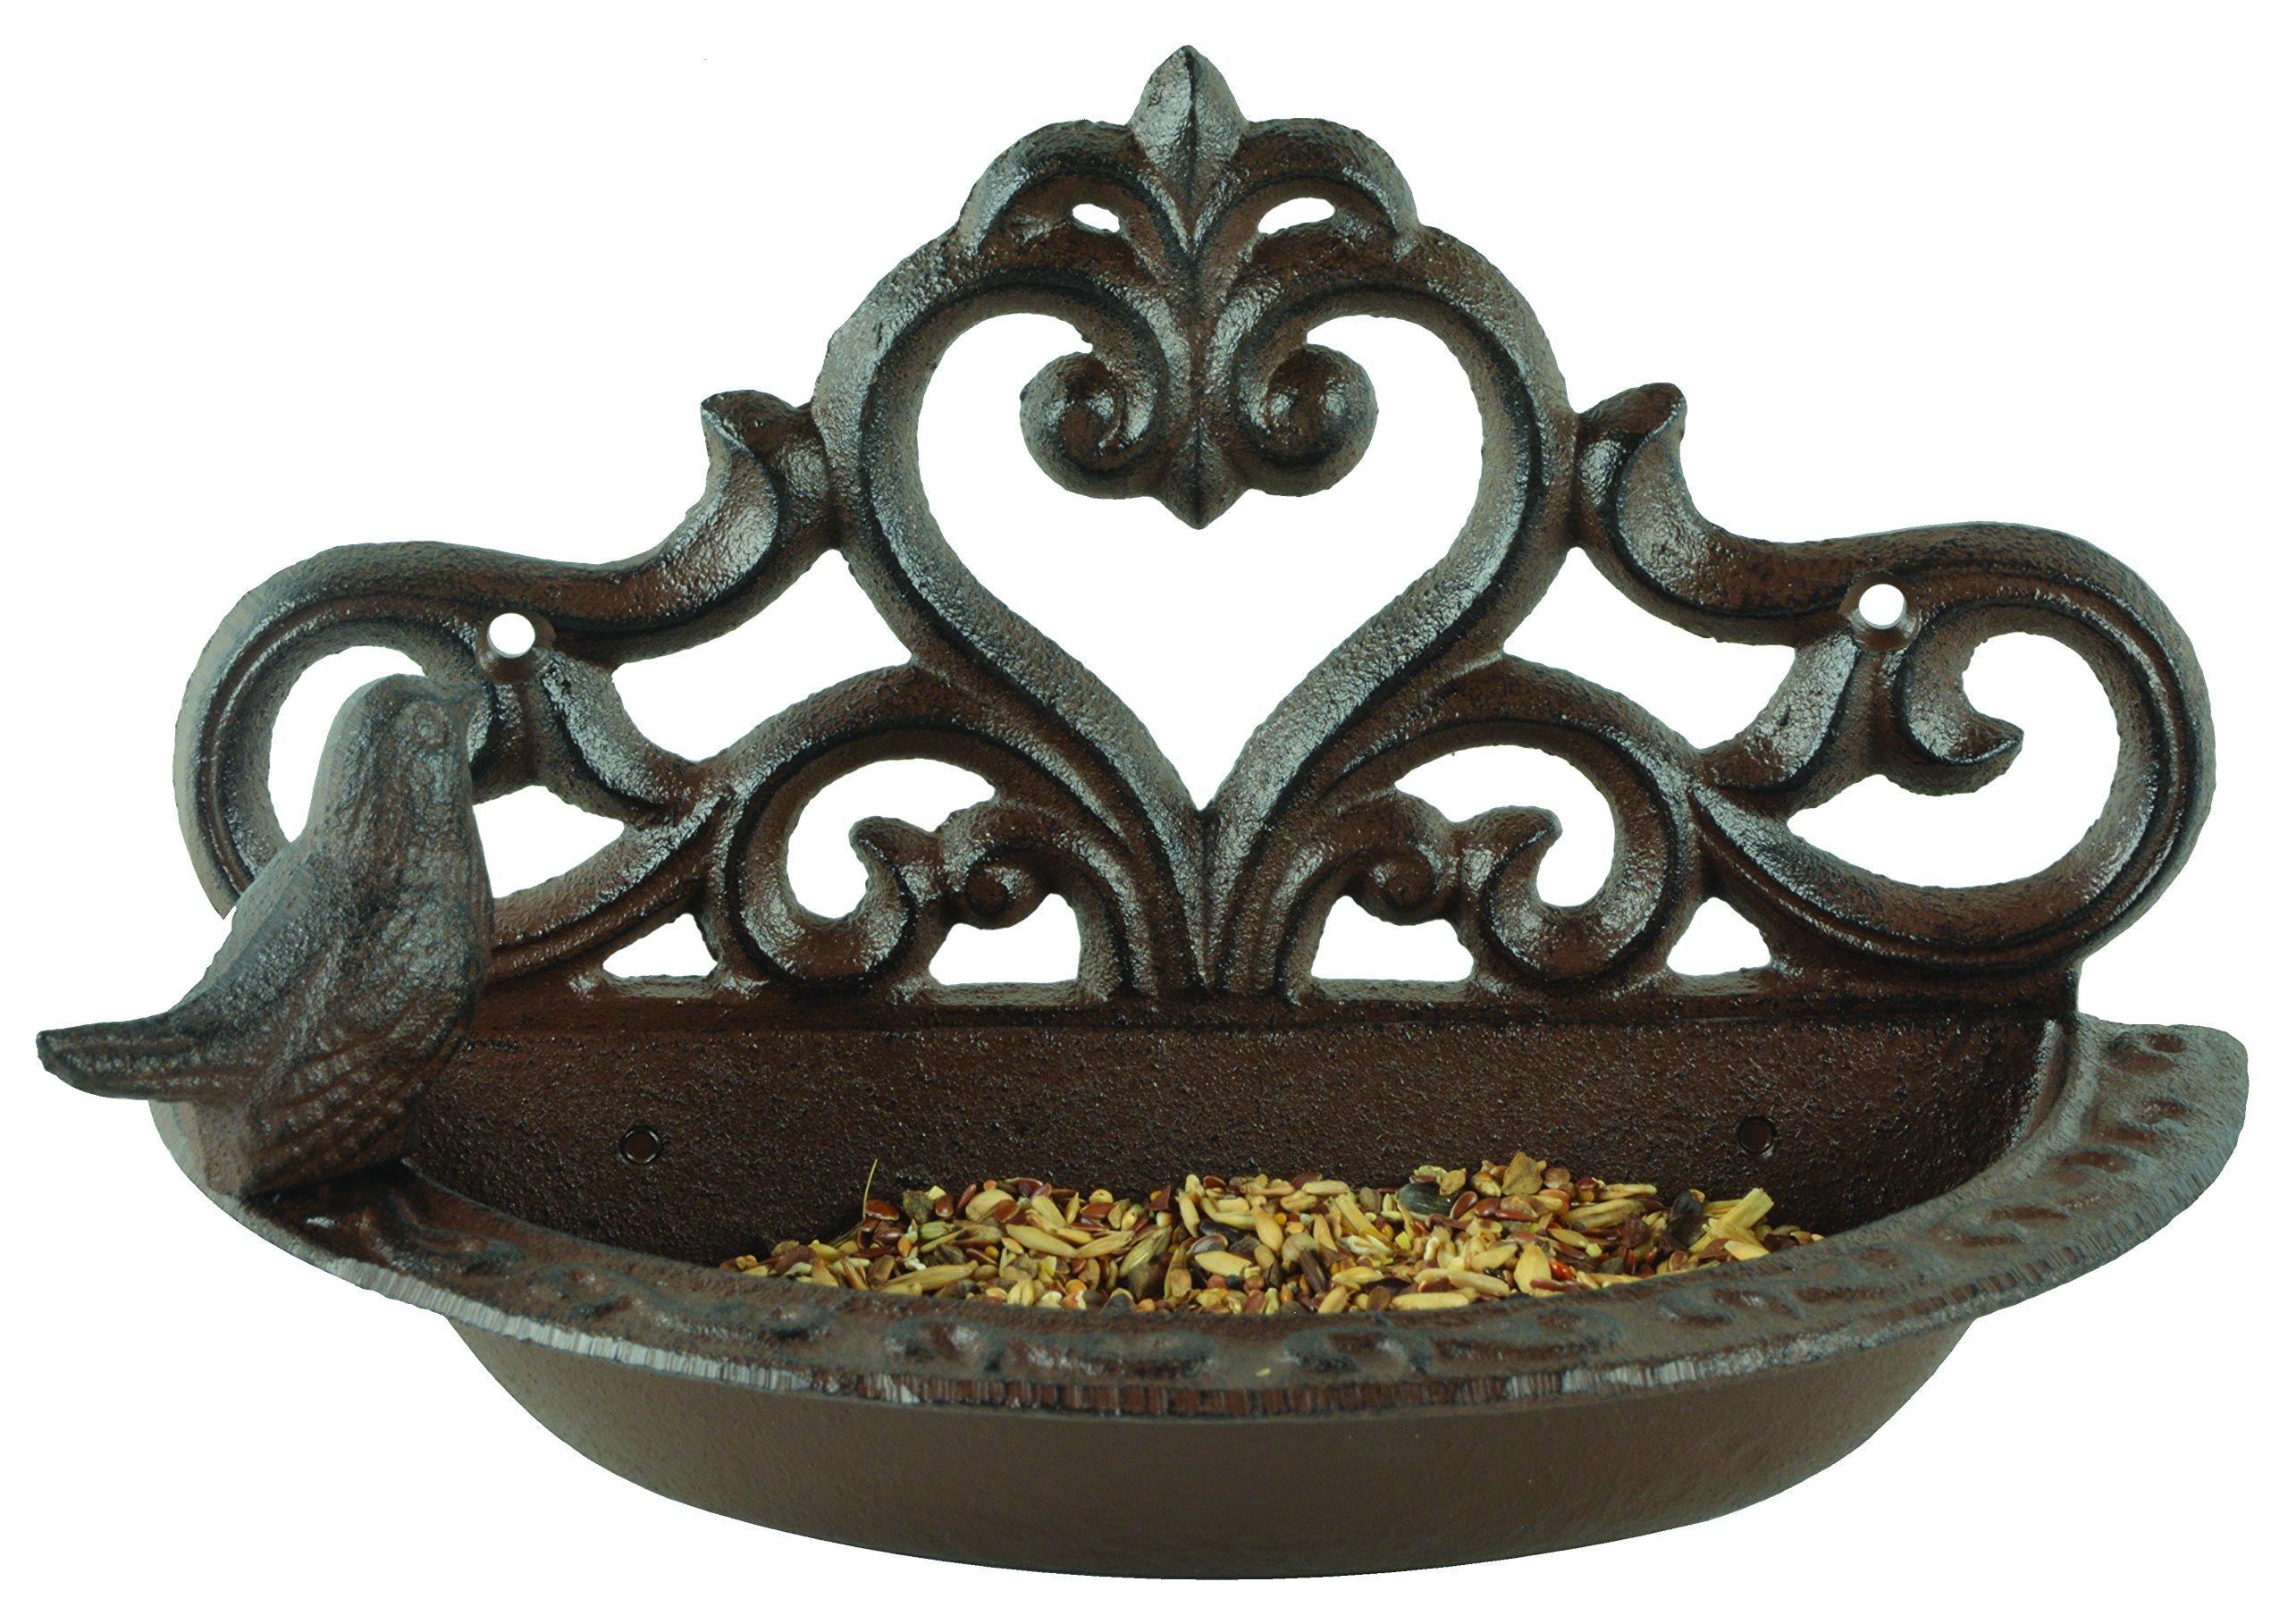 Esschert Design BR26 Series Wall Bird Feeder in Giftbox, Antique Brown